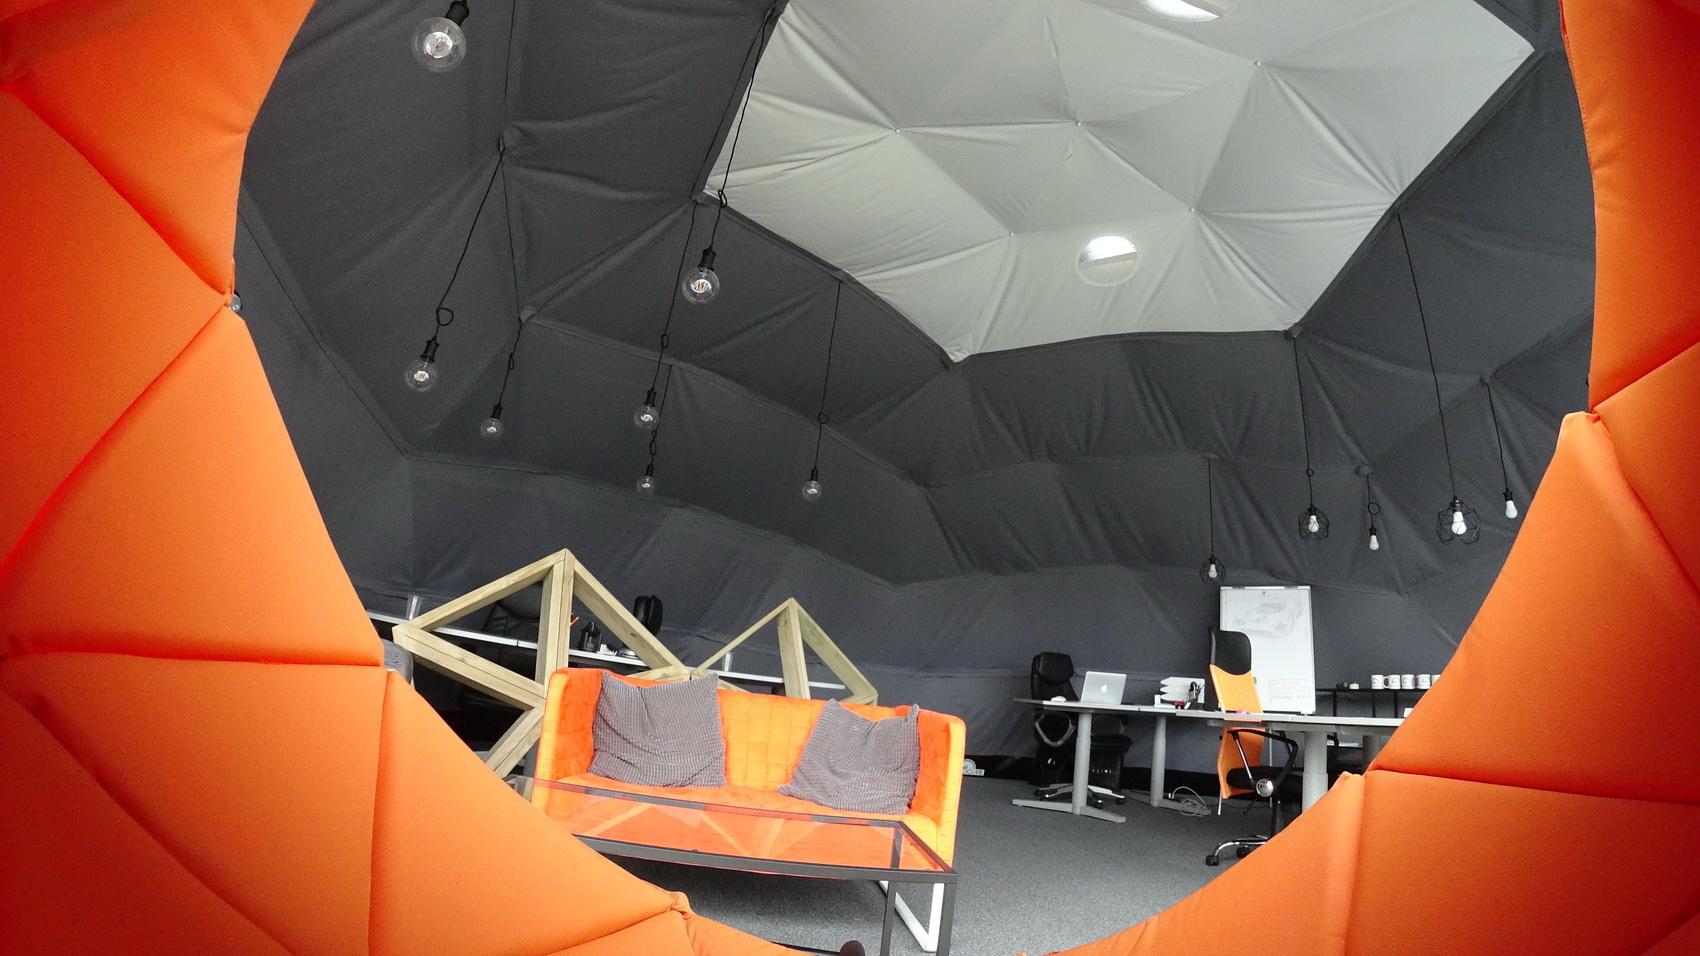 Mobilne Biuro Ekspozycyjne Studio 50m2 | Kopuła Geodezyjna, Wilno, Litwa